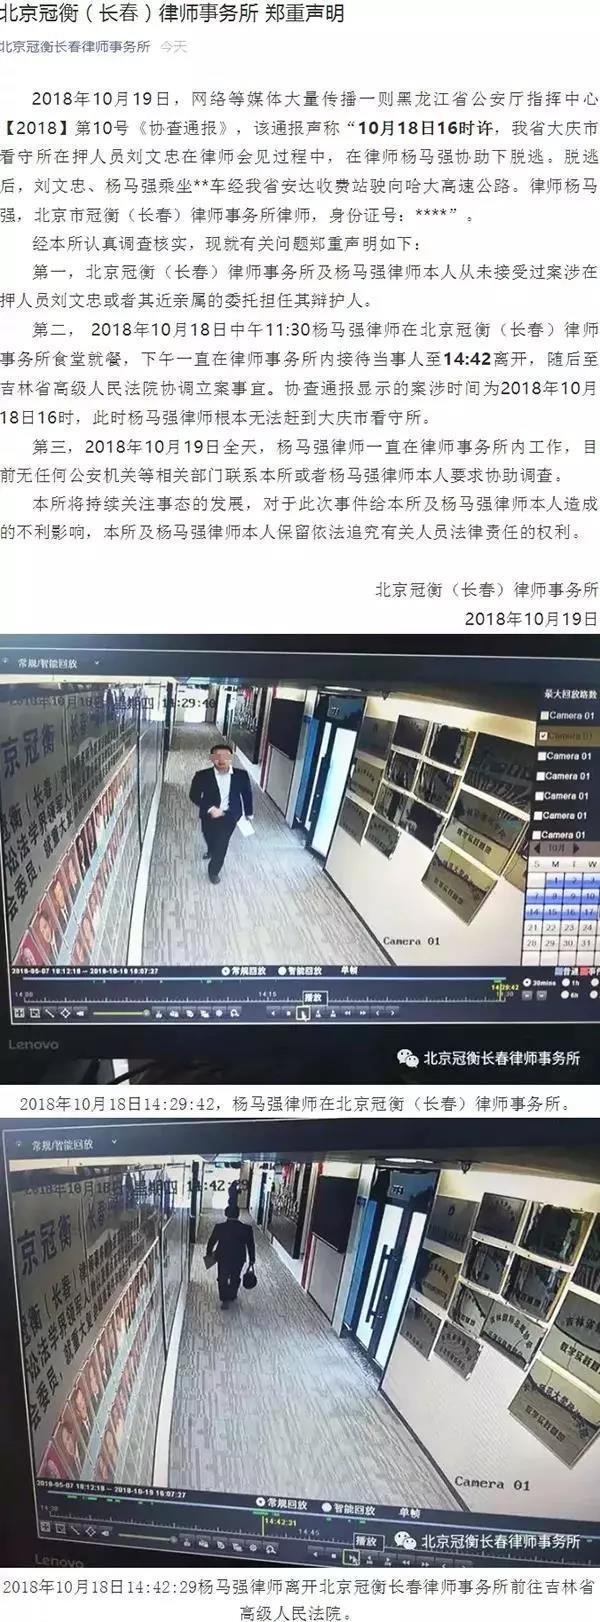 """黑龙江在押犯逃脱""""假律师""""协助 细节让人意外"""